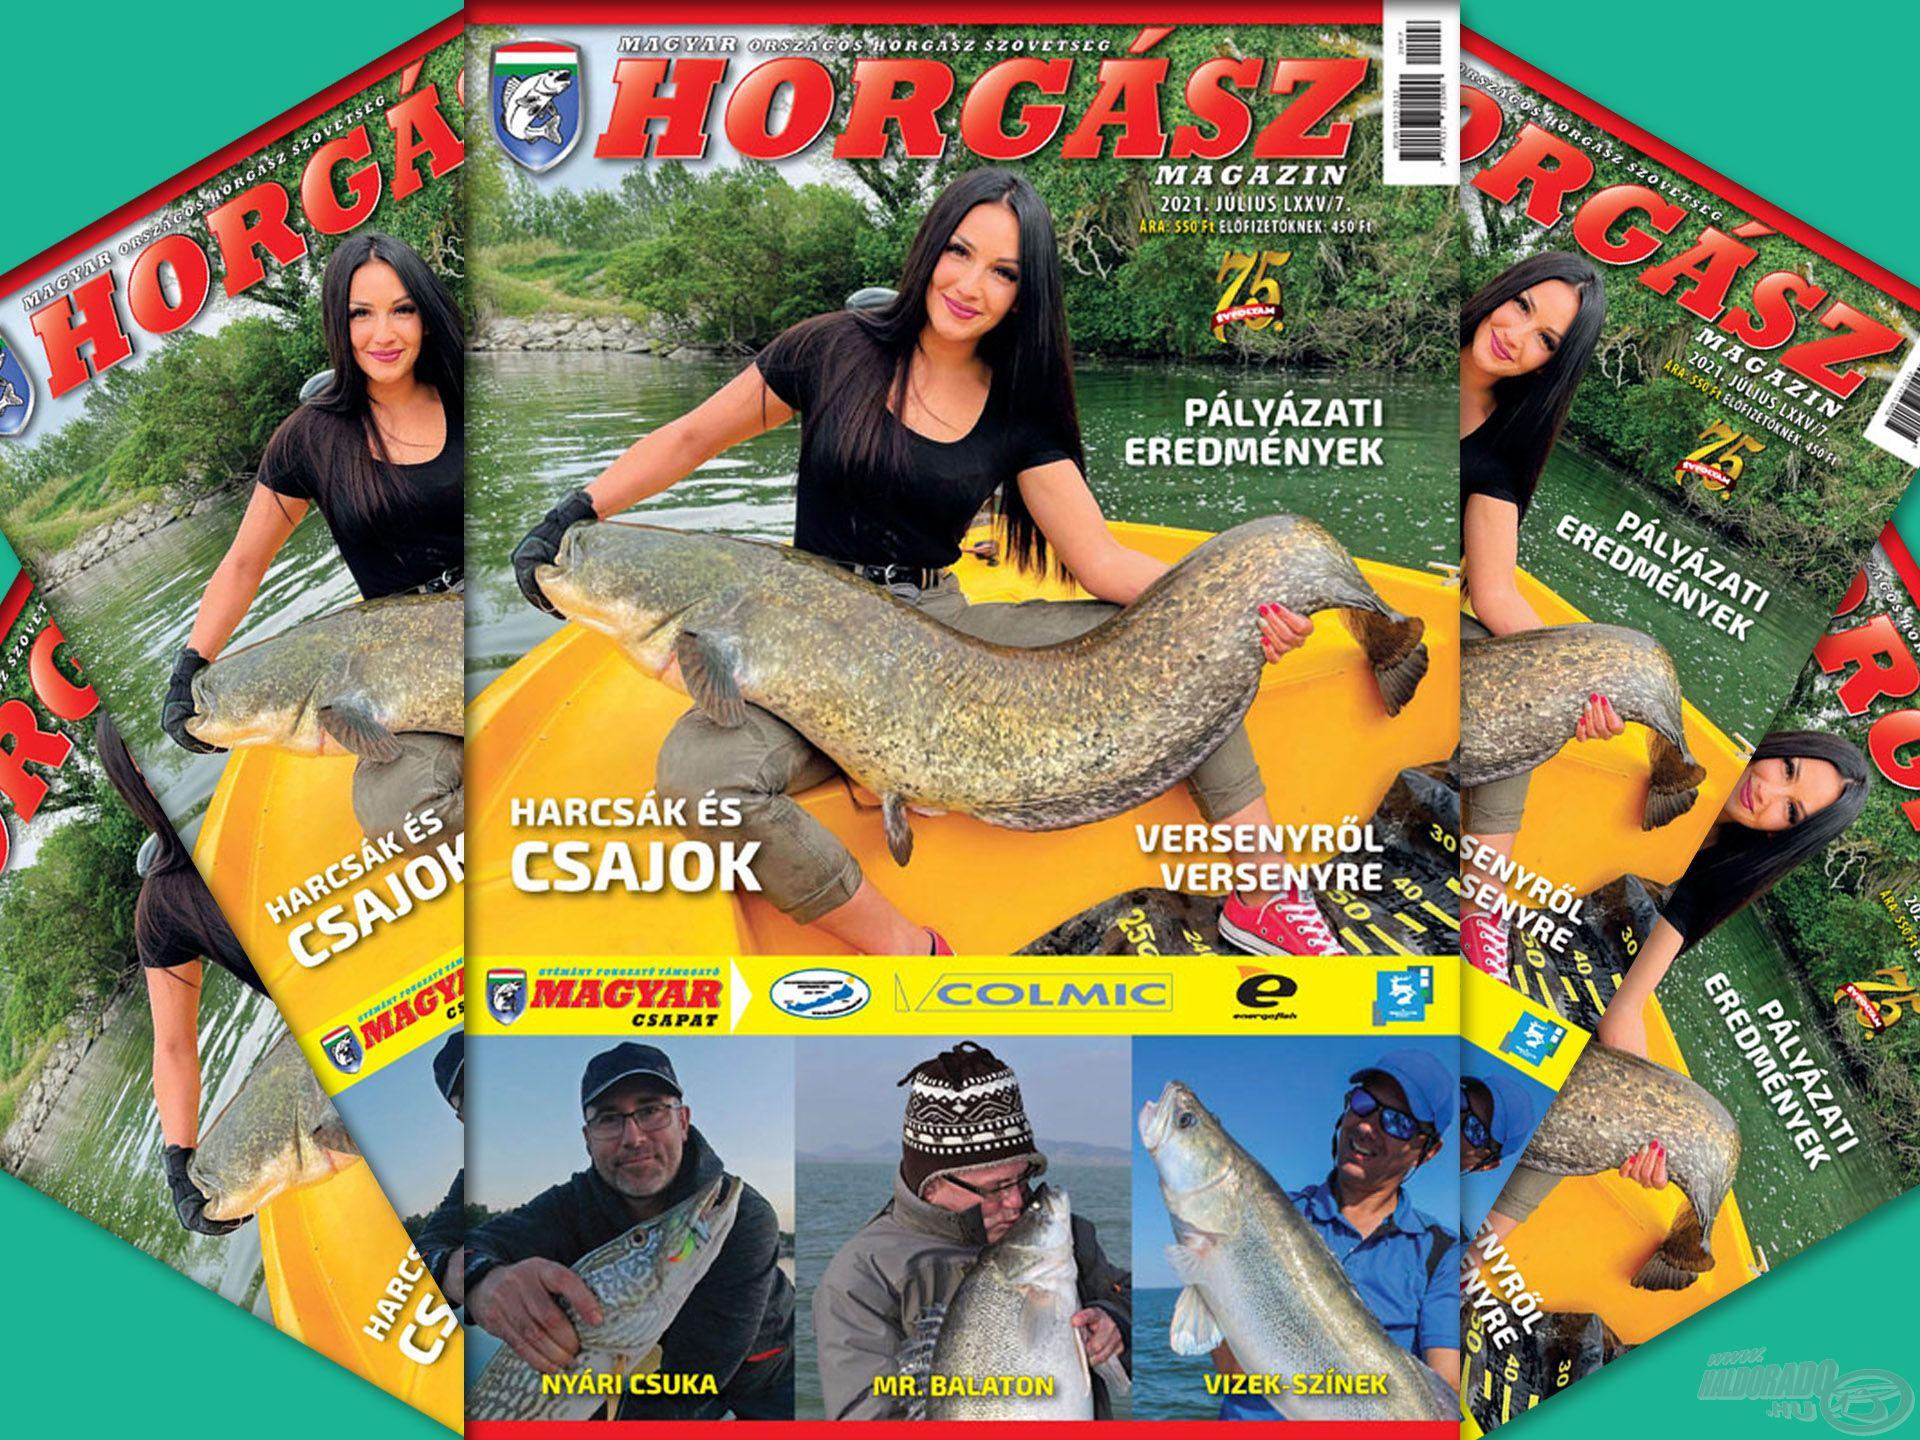 Megjelent a Magyar Horgász 2021. júliusi száma